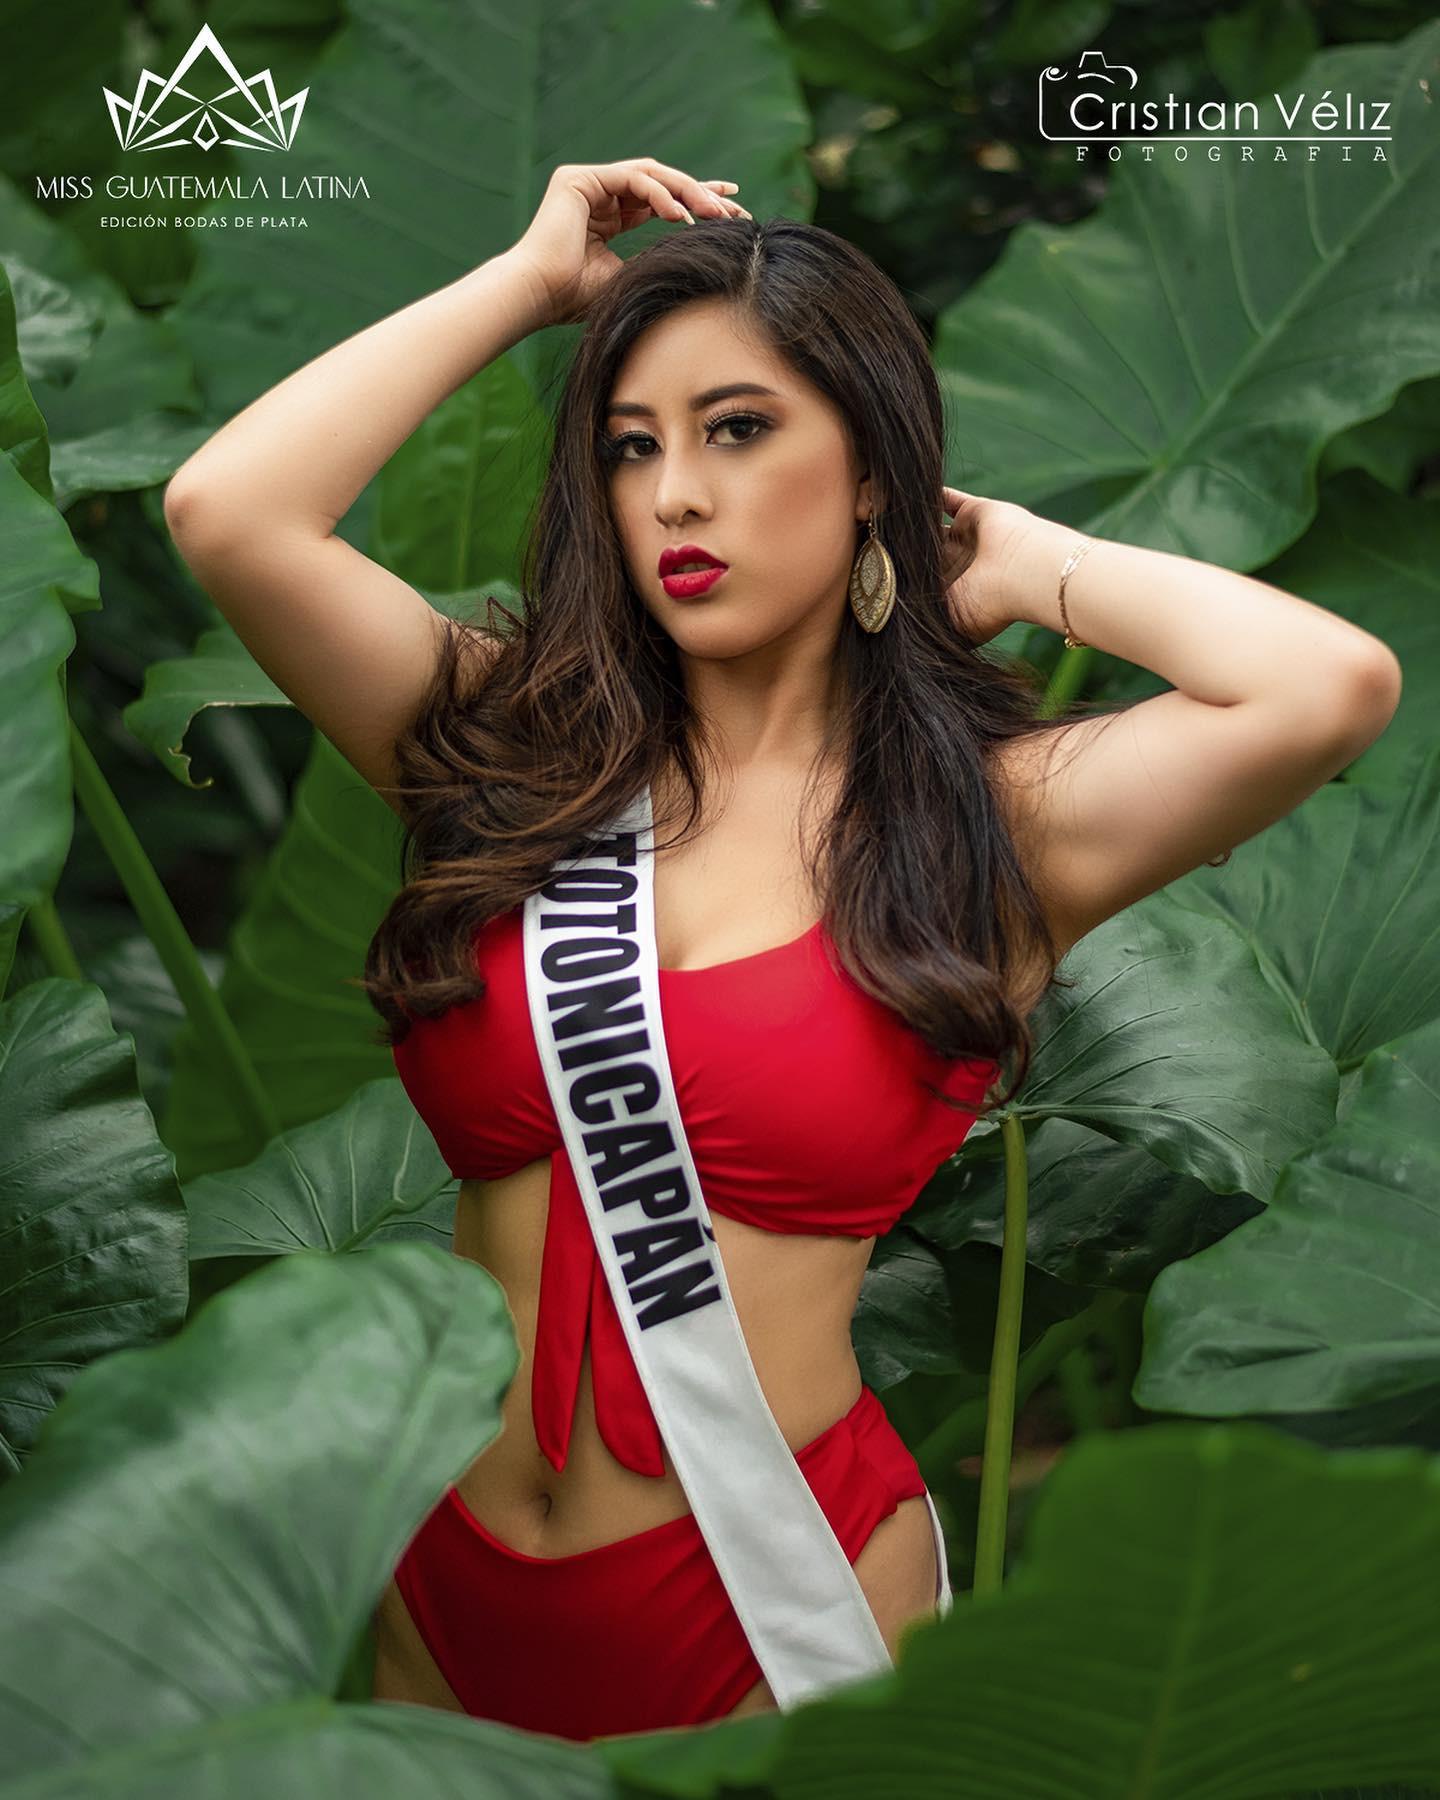 candidatas a miss guatemala latina 2021. final: 30 de abril. - Página 6 B3AL4p